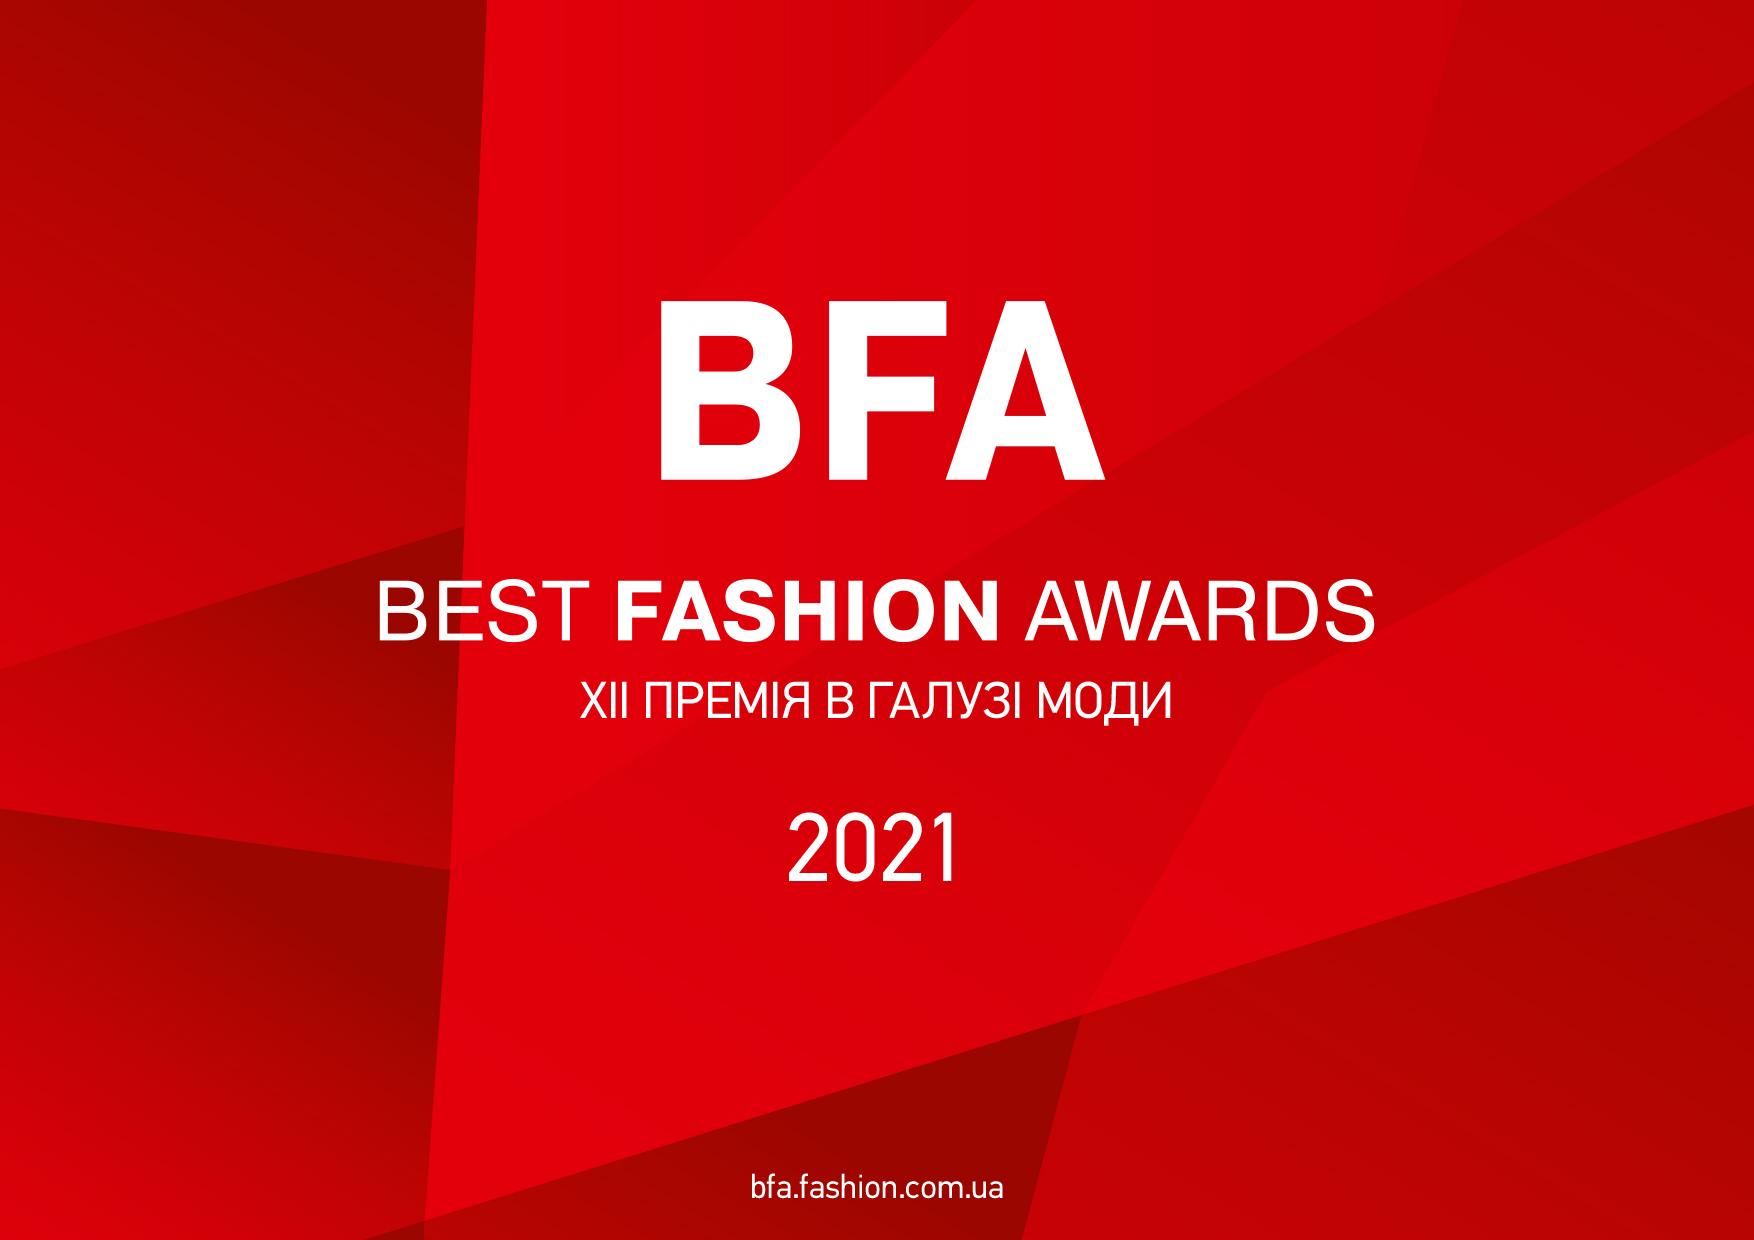 Експерти та номінації Best Fashion Awards 2021-Фото 1